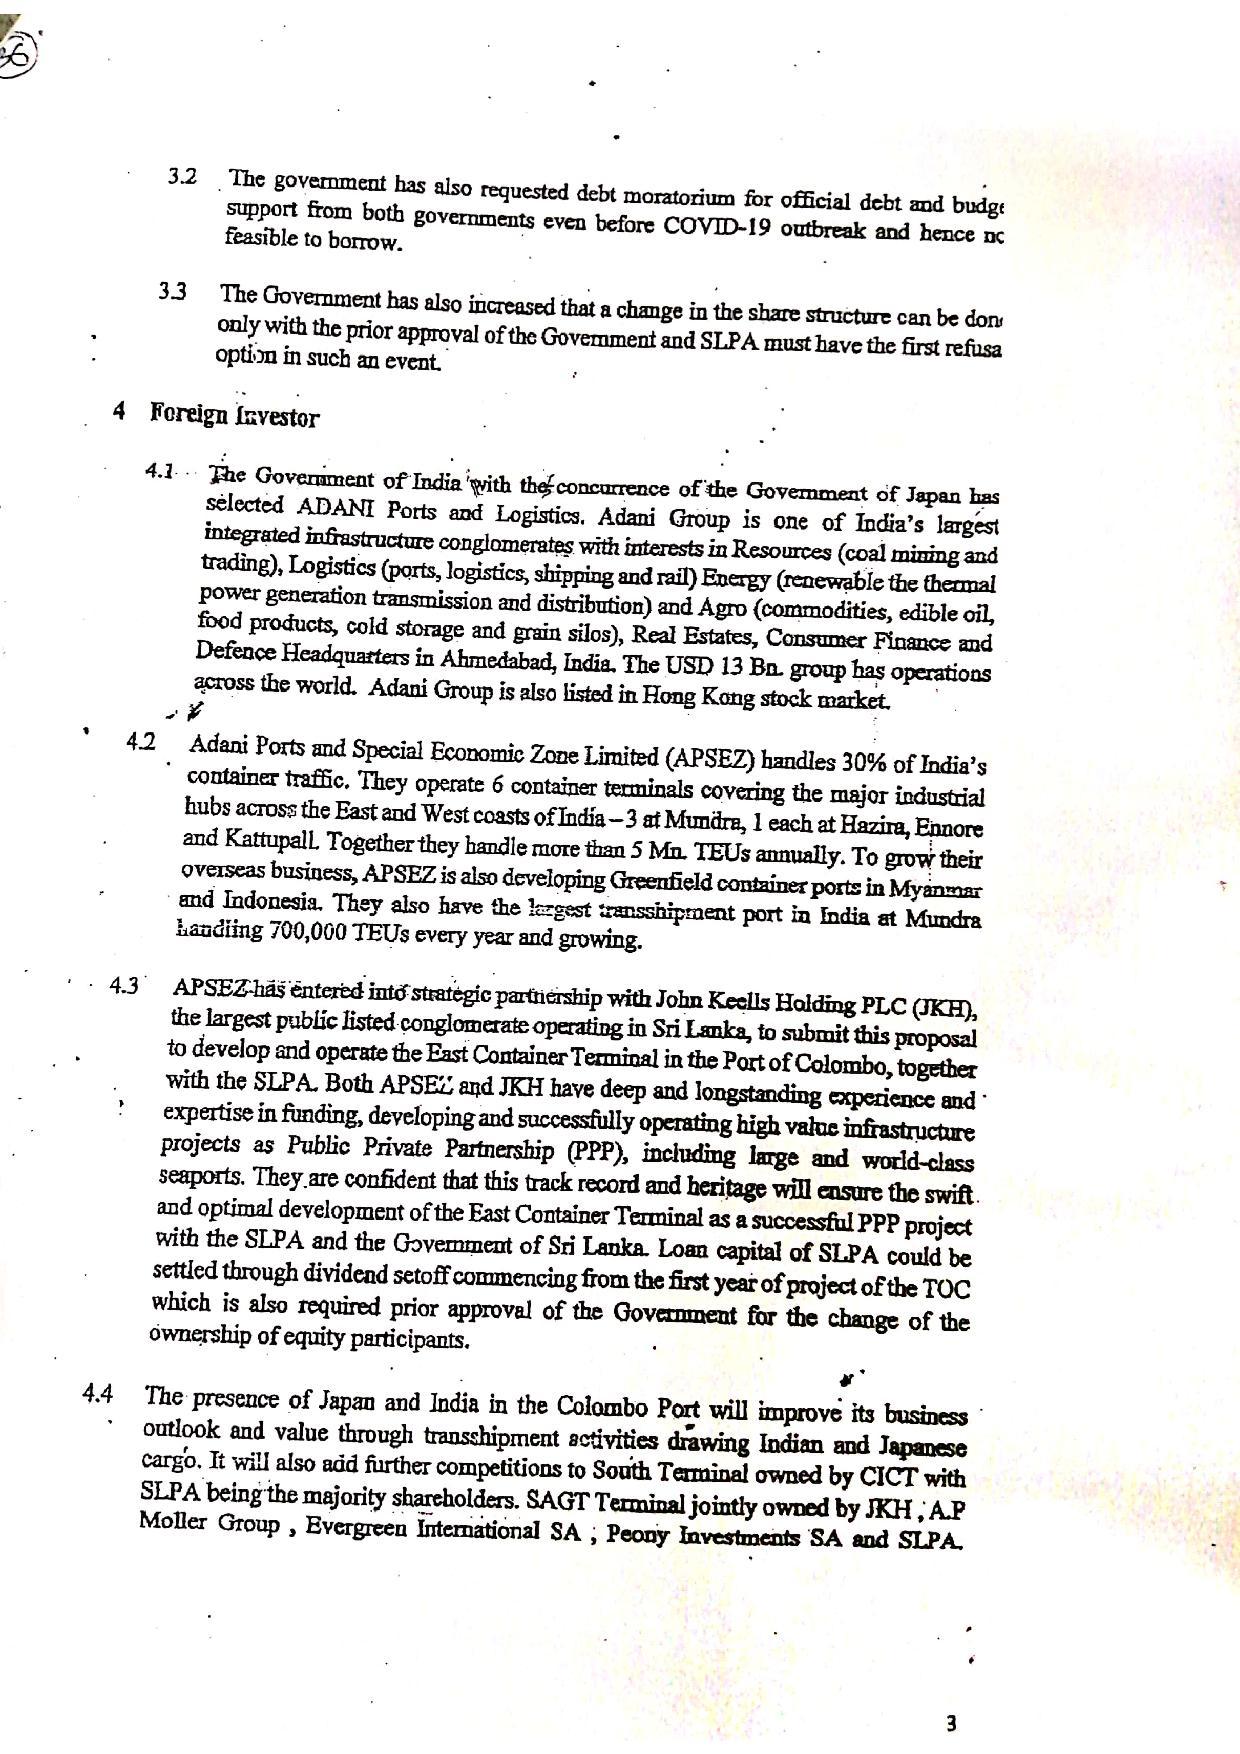 June 2020 Sri Lanka Cabinet Memo p.3